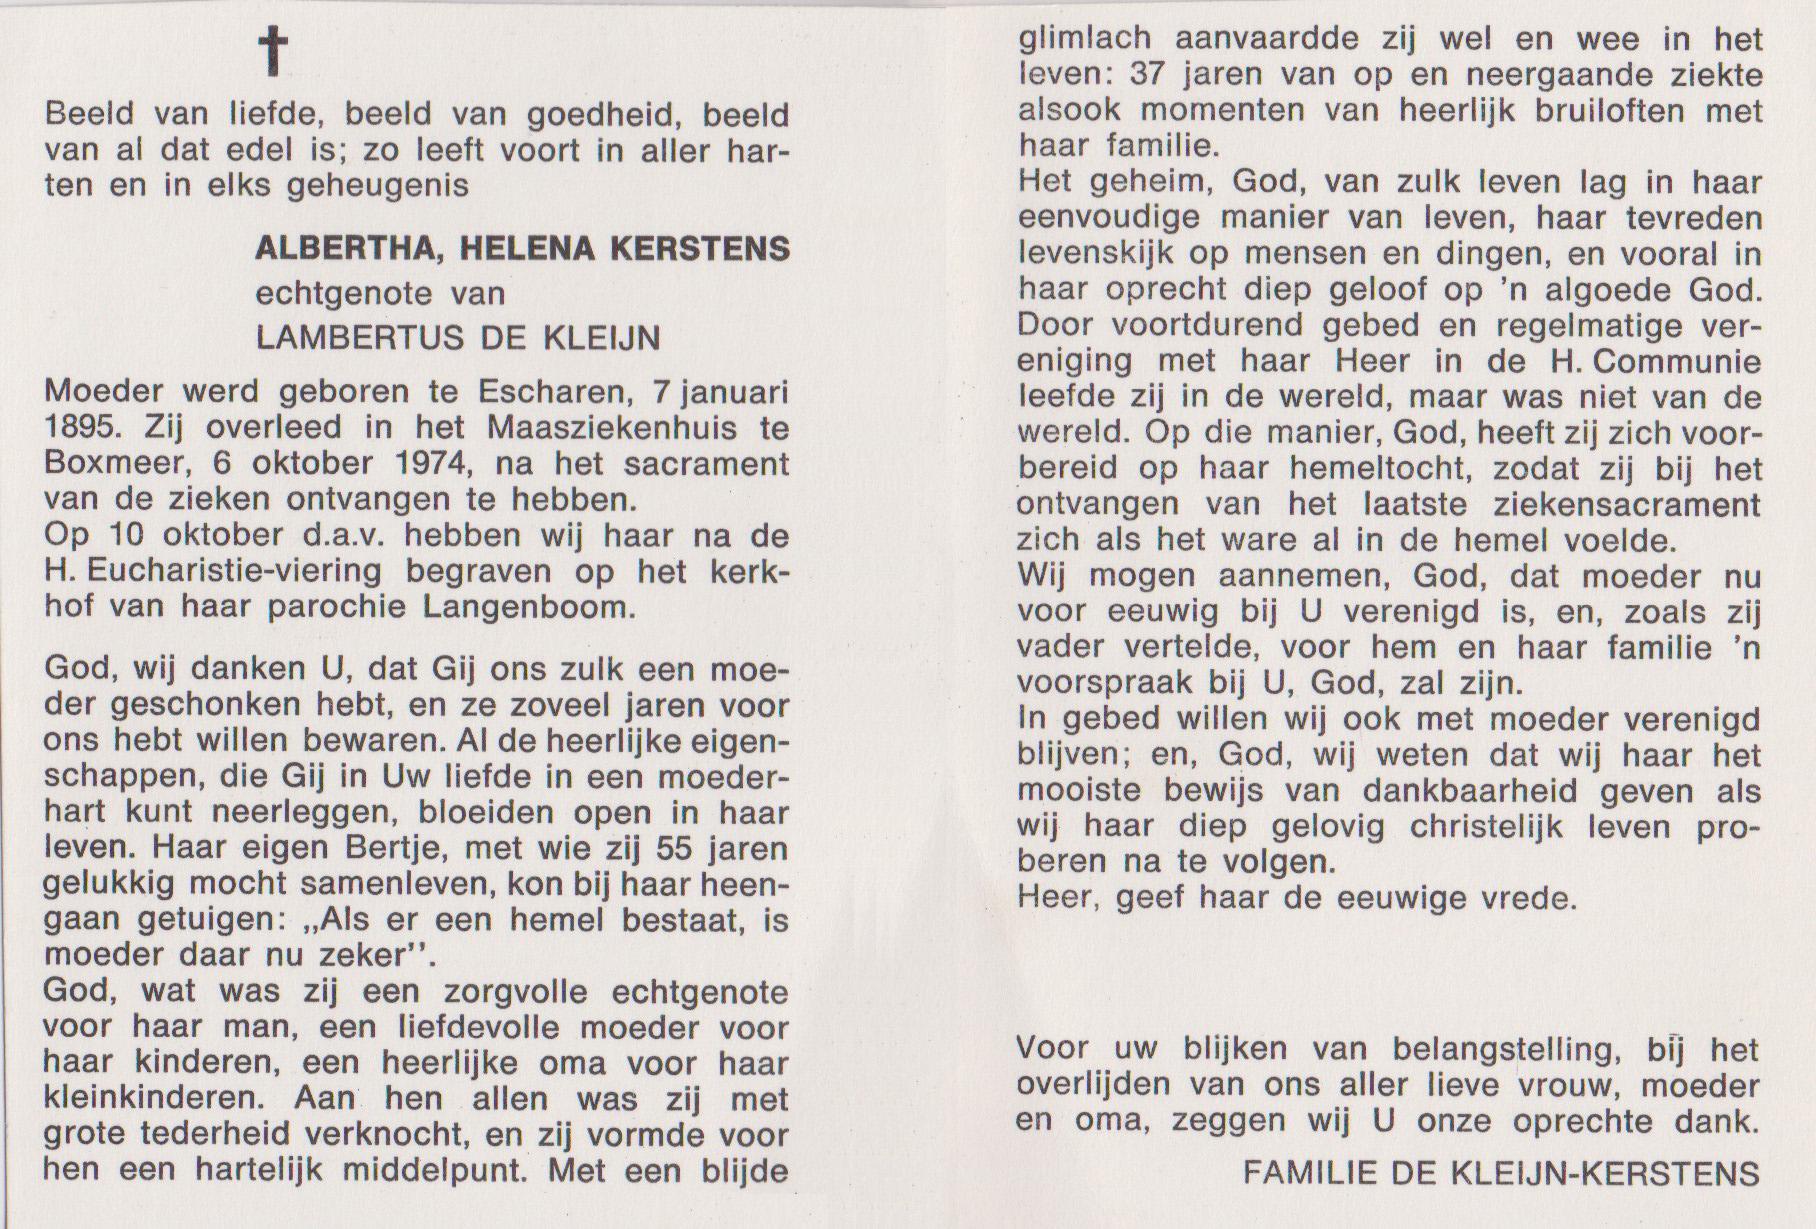 Bidprentje Albertha HelenaKerstens